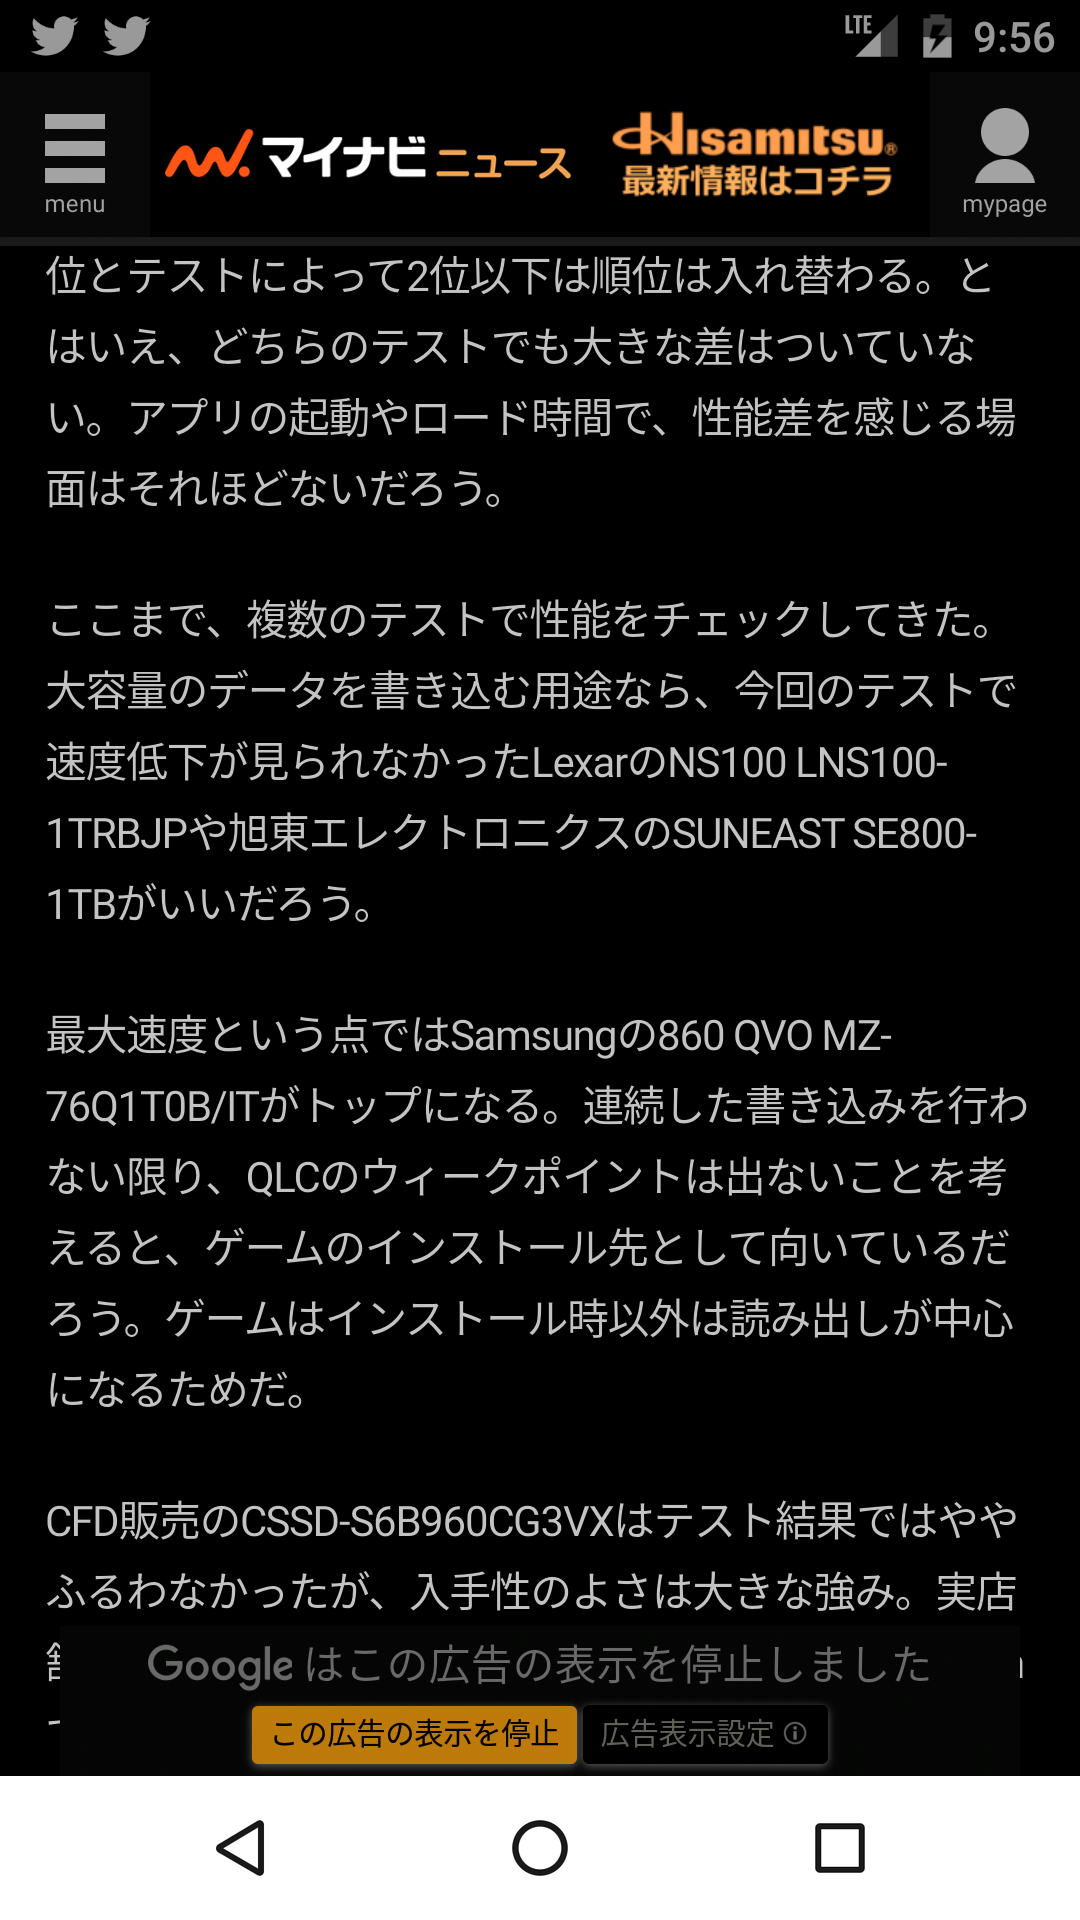 2019年おススメのSSDモデル(2.5inch-SATA3)